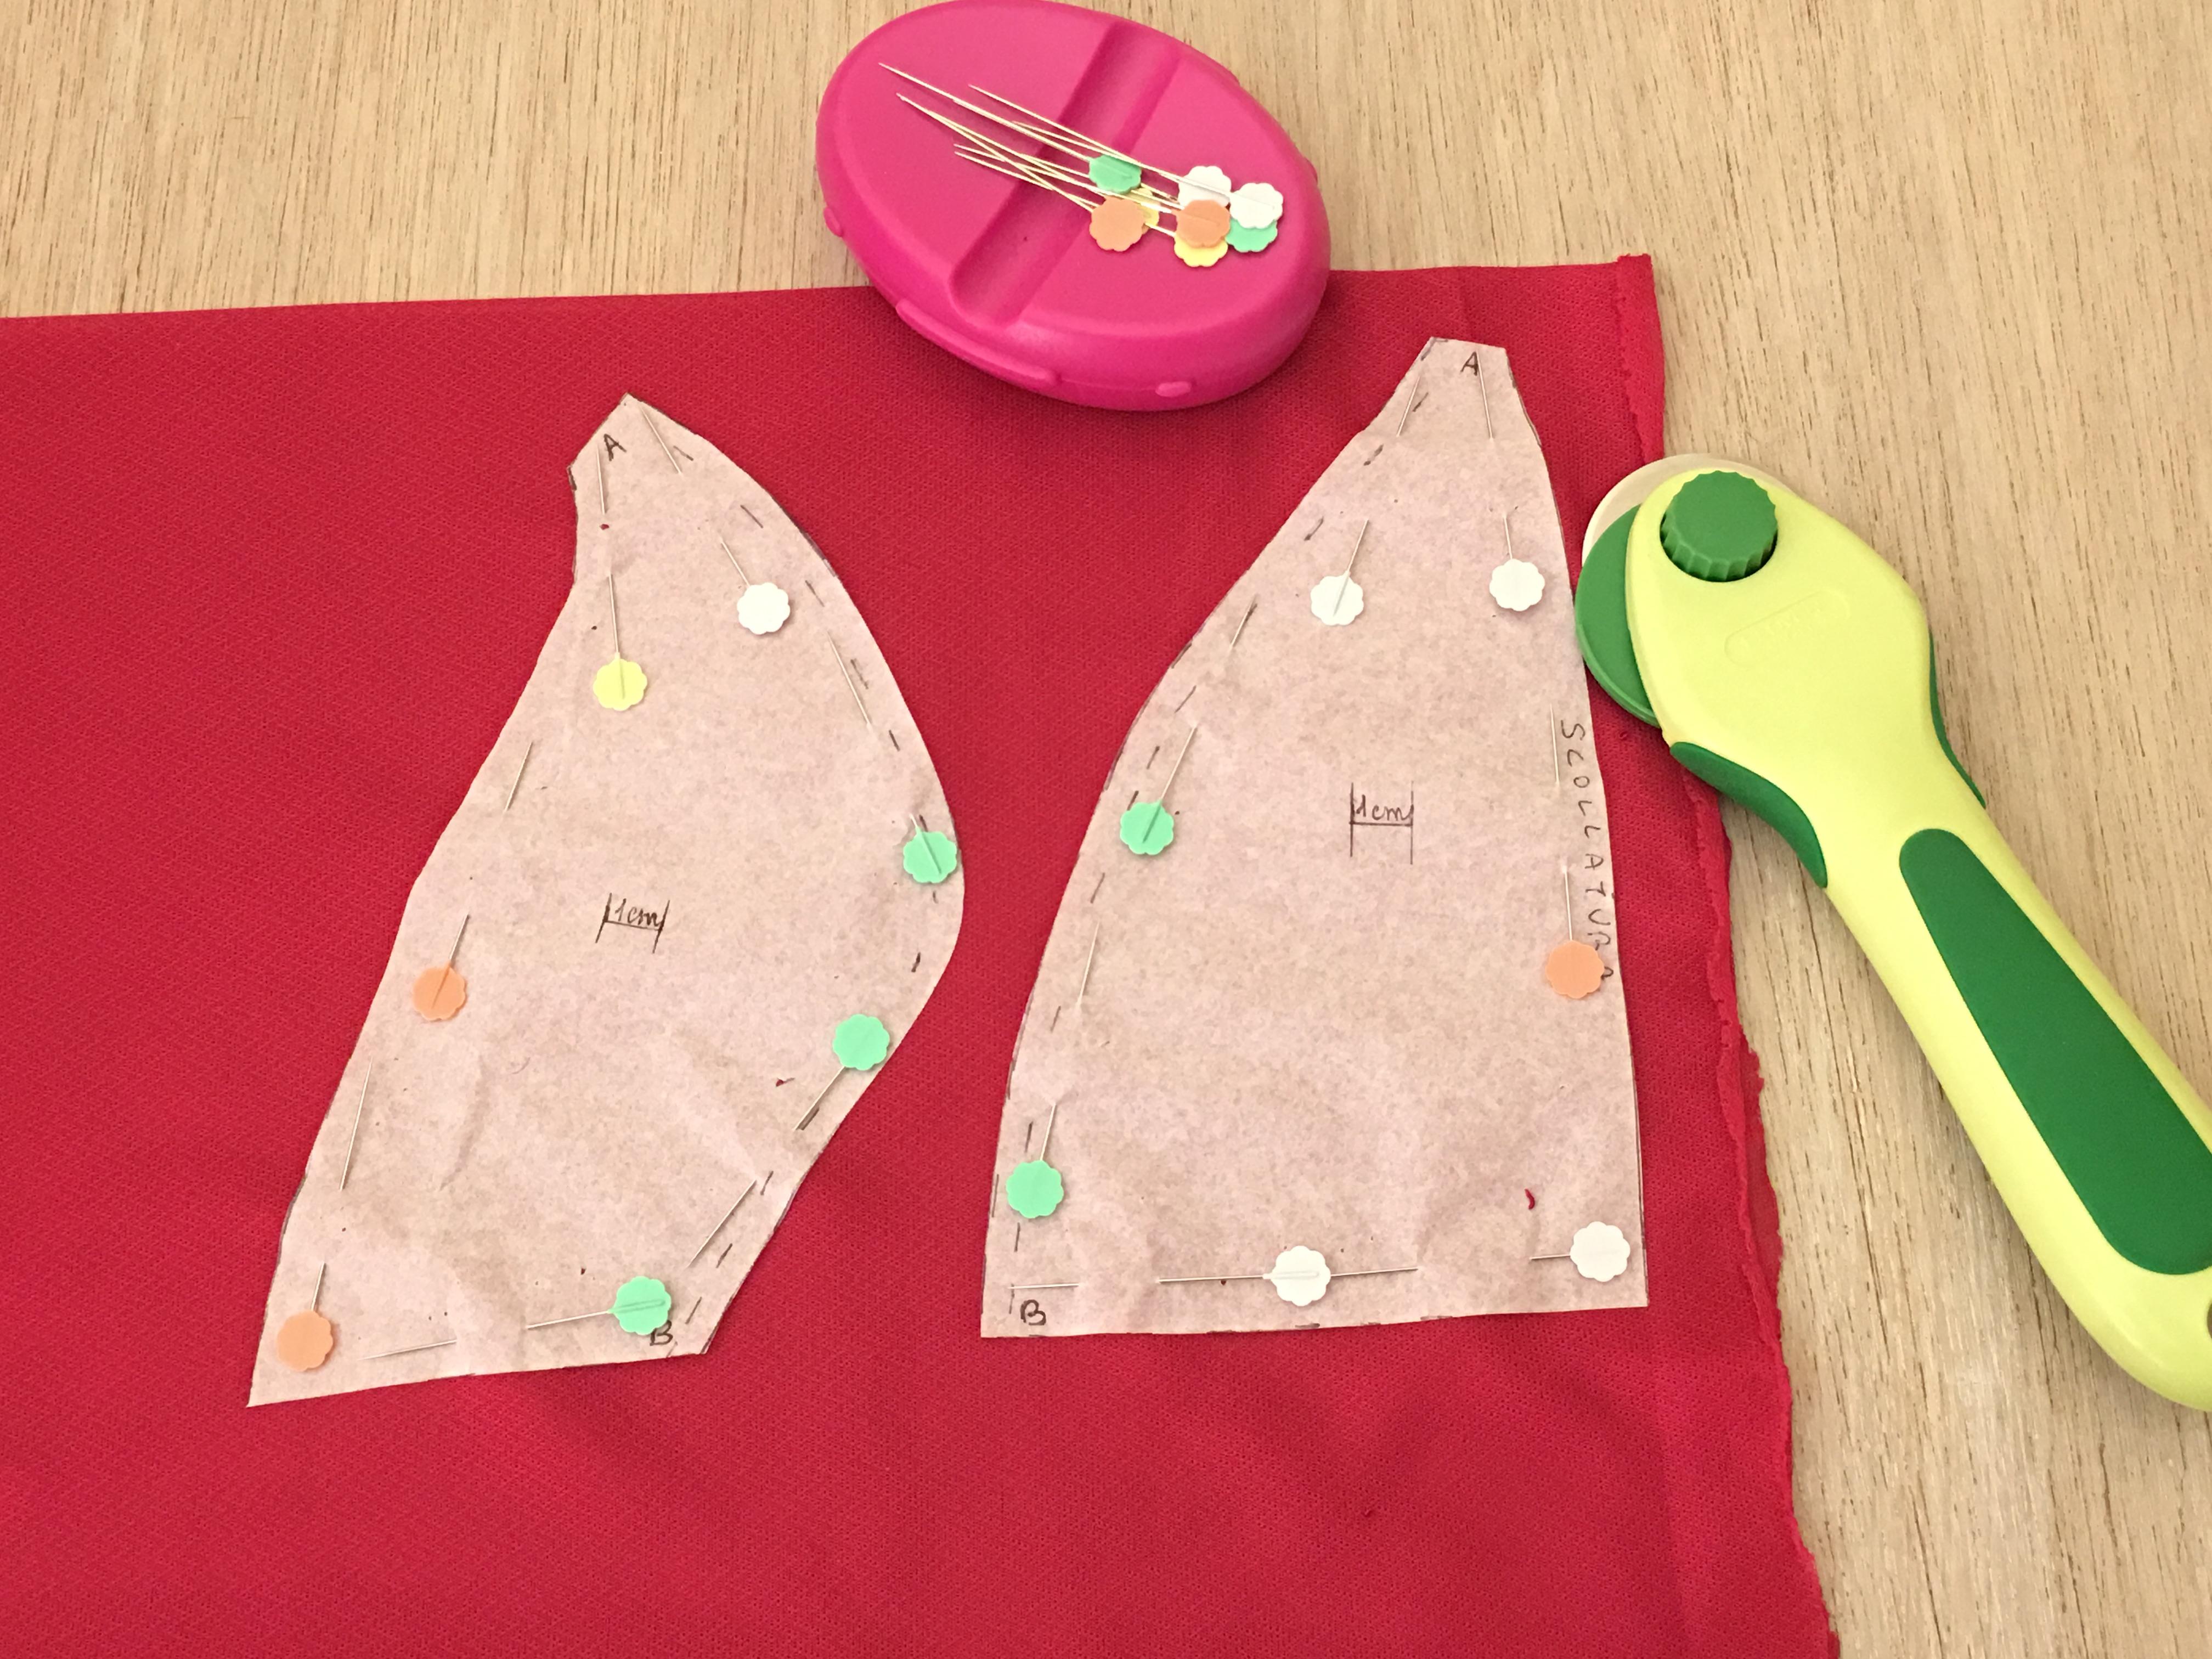 452dd1201e2d Allo stesso modo per la garza che ci consentirà di indossare questo lace  bra anche come capo da giorno. Tagliate lungo i contorni con le forbici o  con una ...